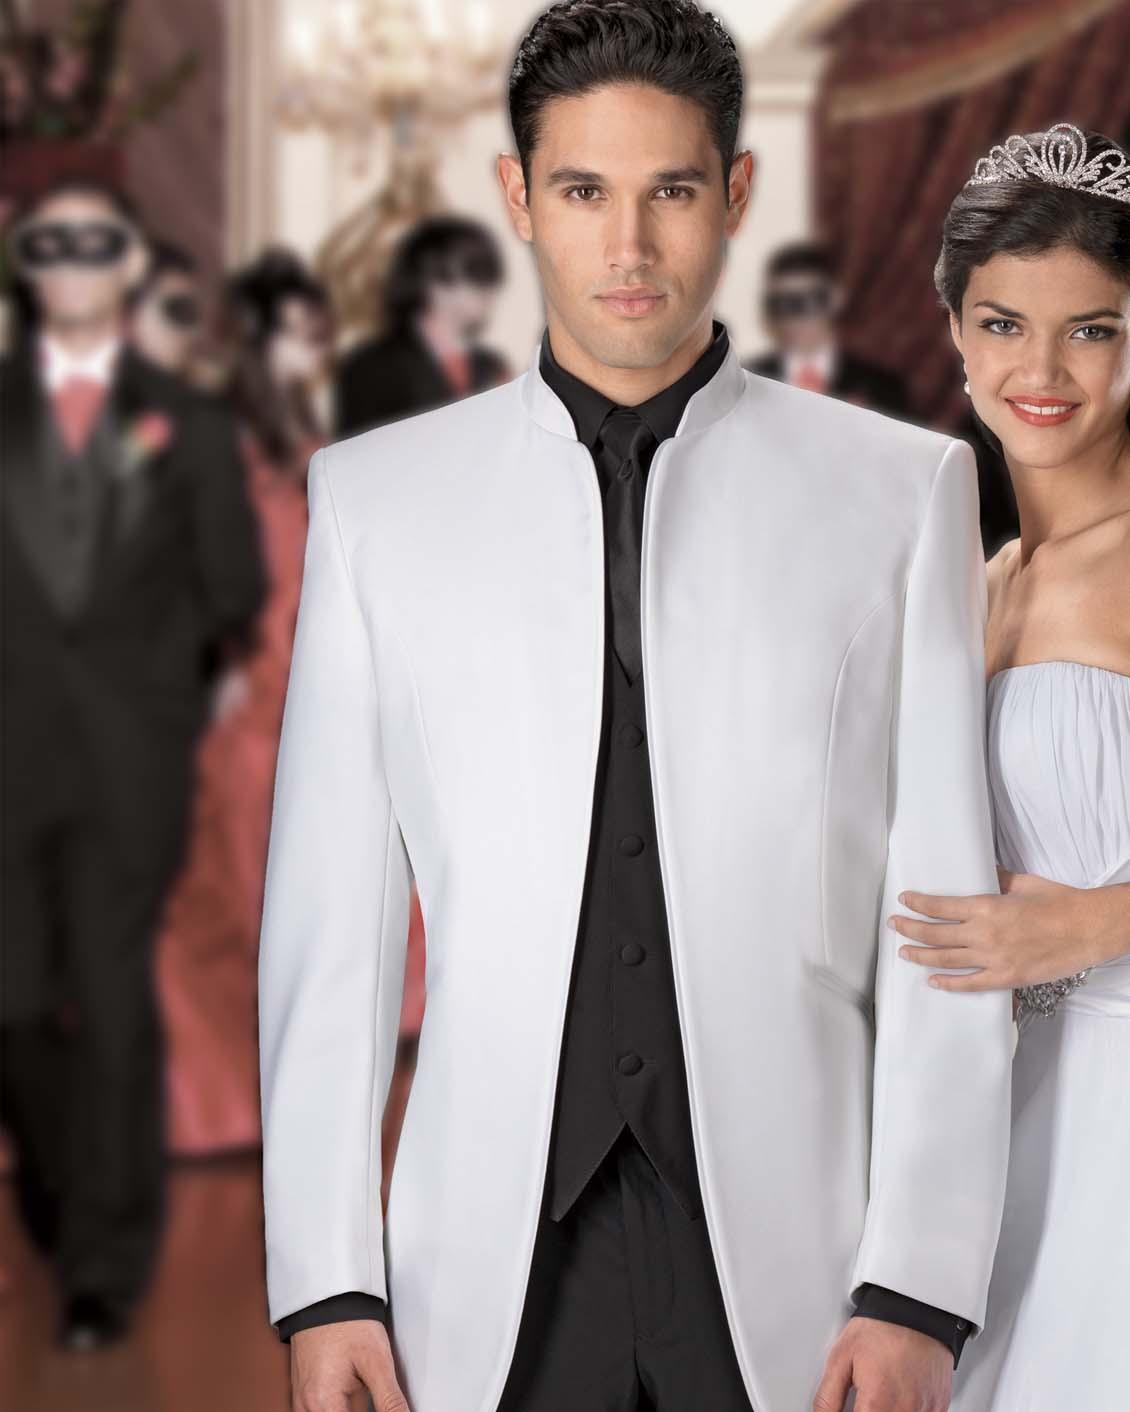 Tuxedo.ca - JEAN YVES Mirage WHITE Tuxedo